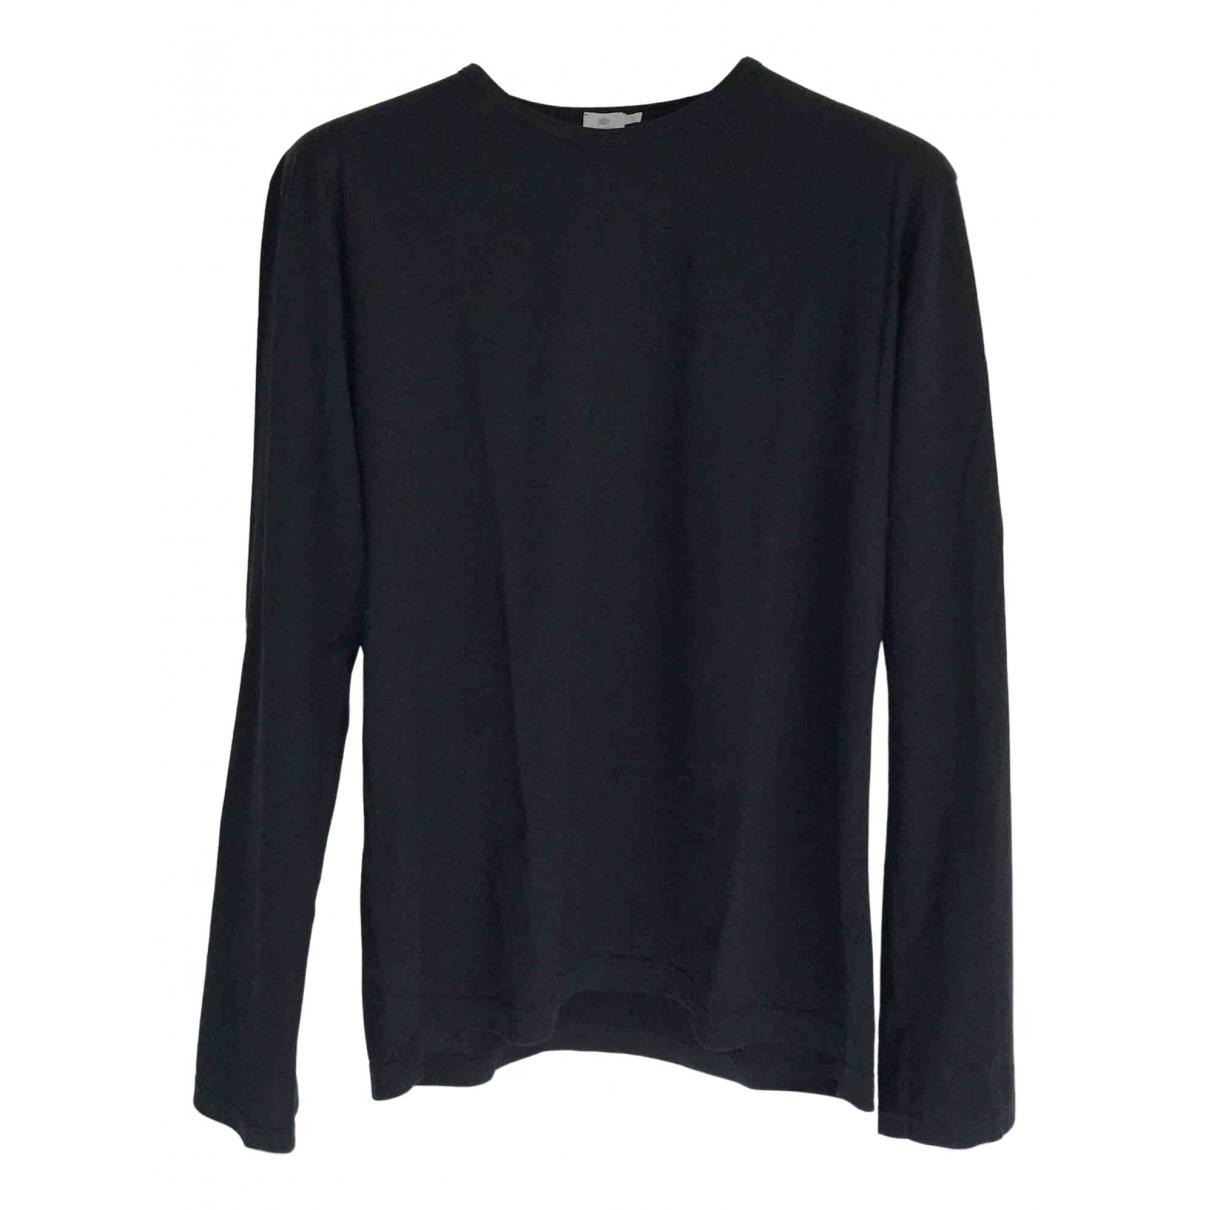 Sunspel - Tee shirts   pour homme en coton - noir